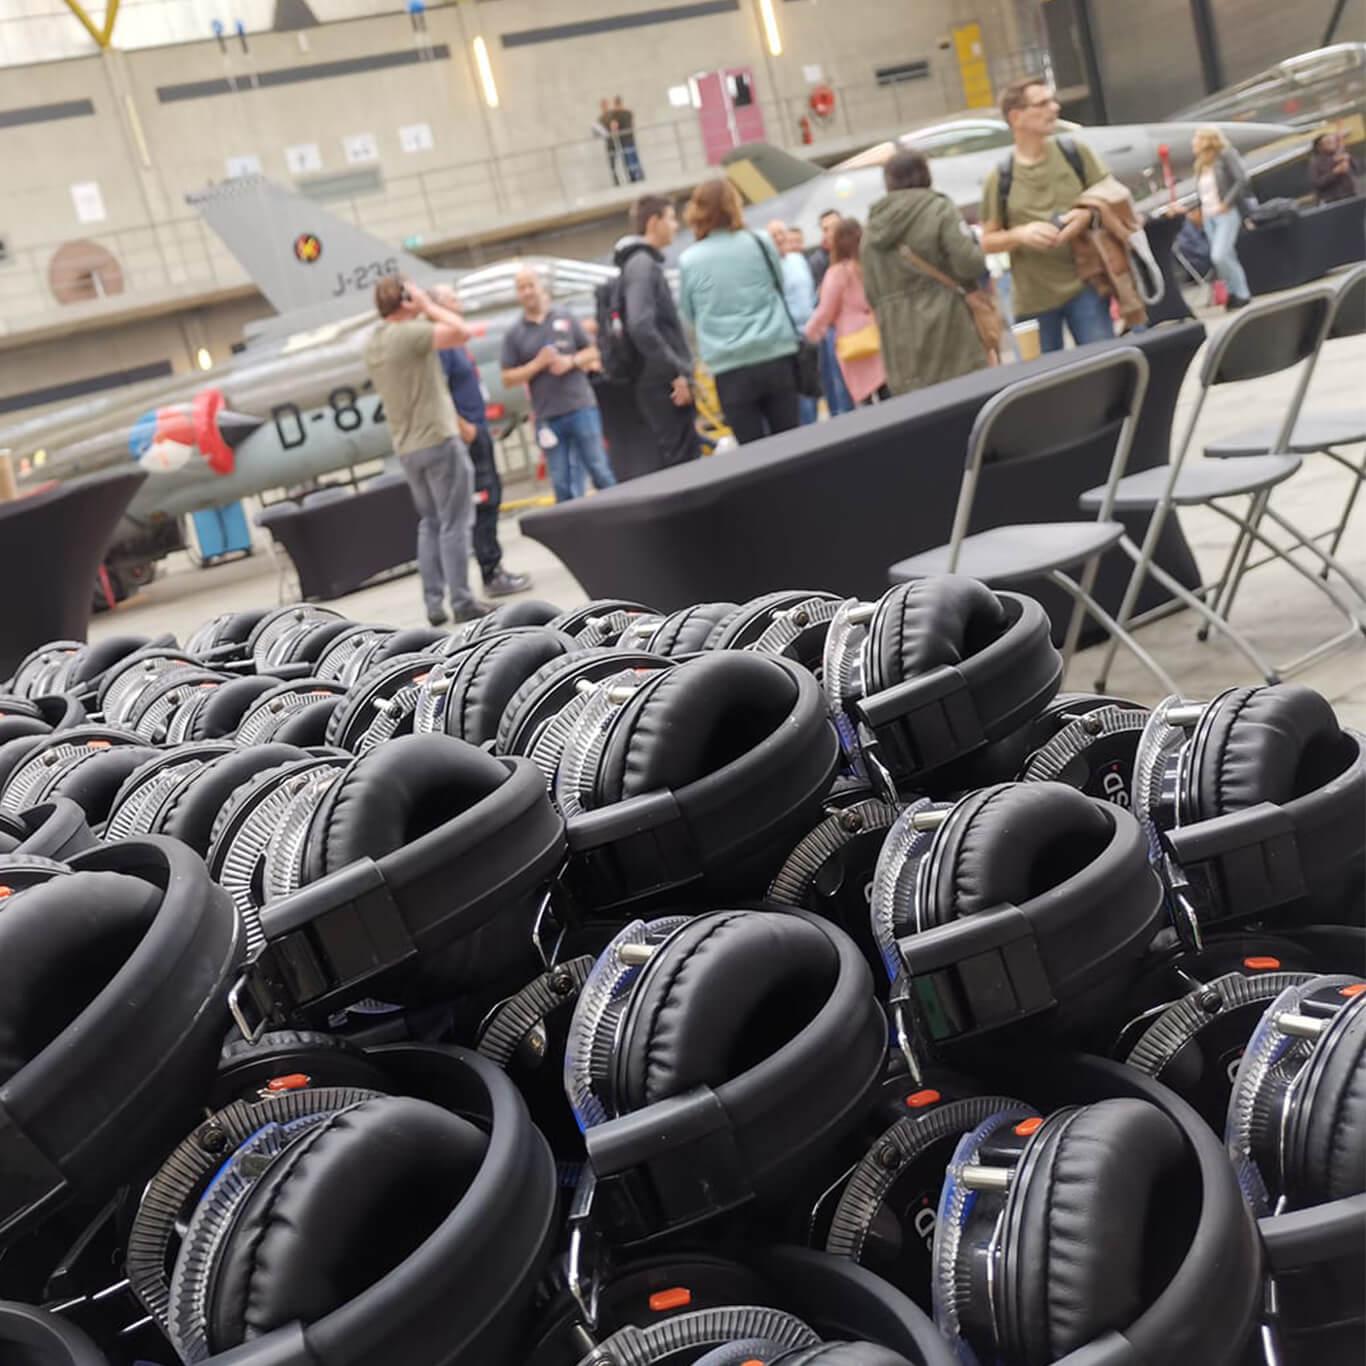 Hangar feest zonder geluidsoverlast